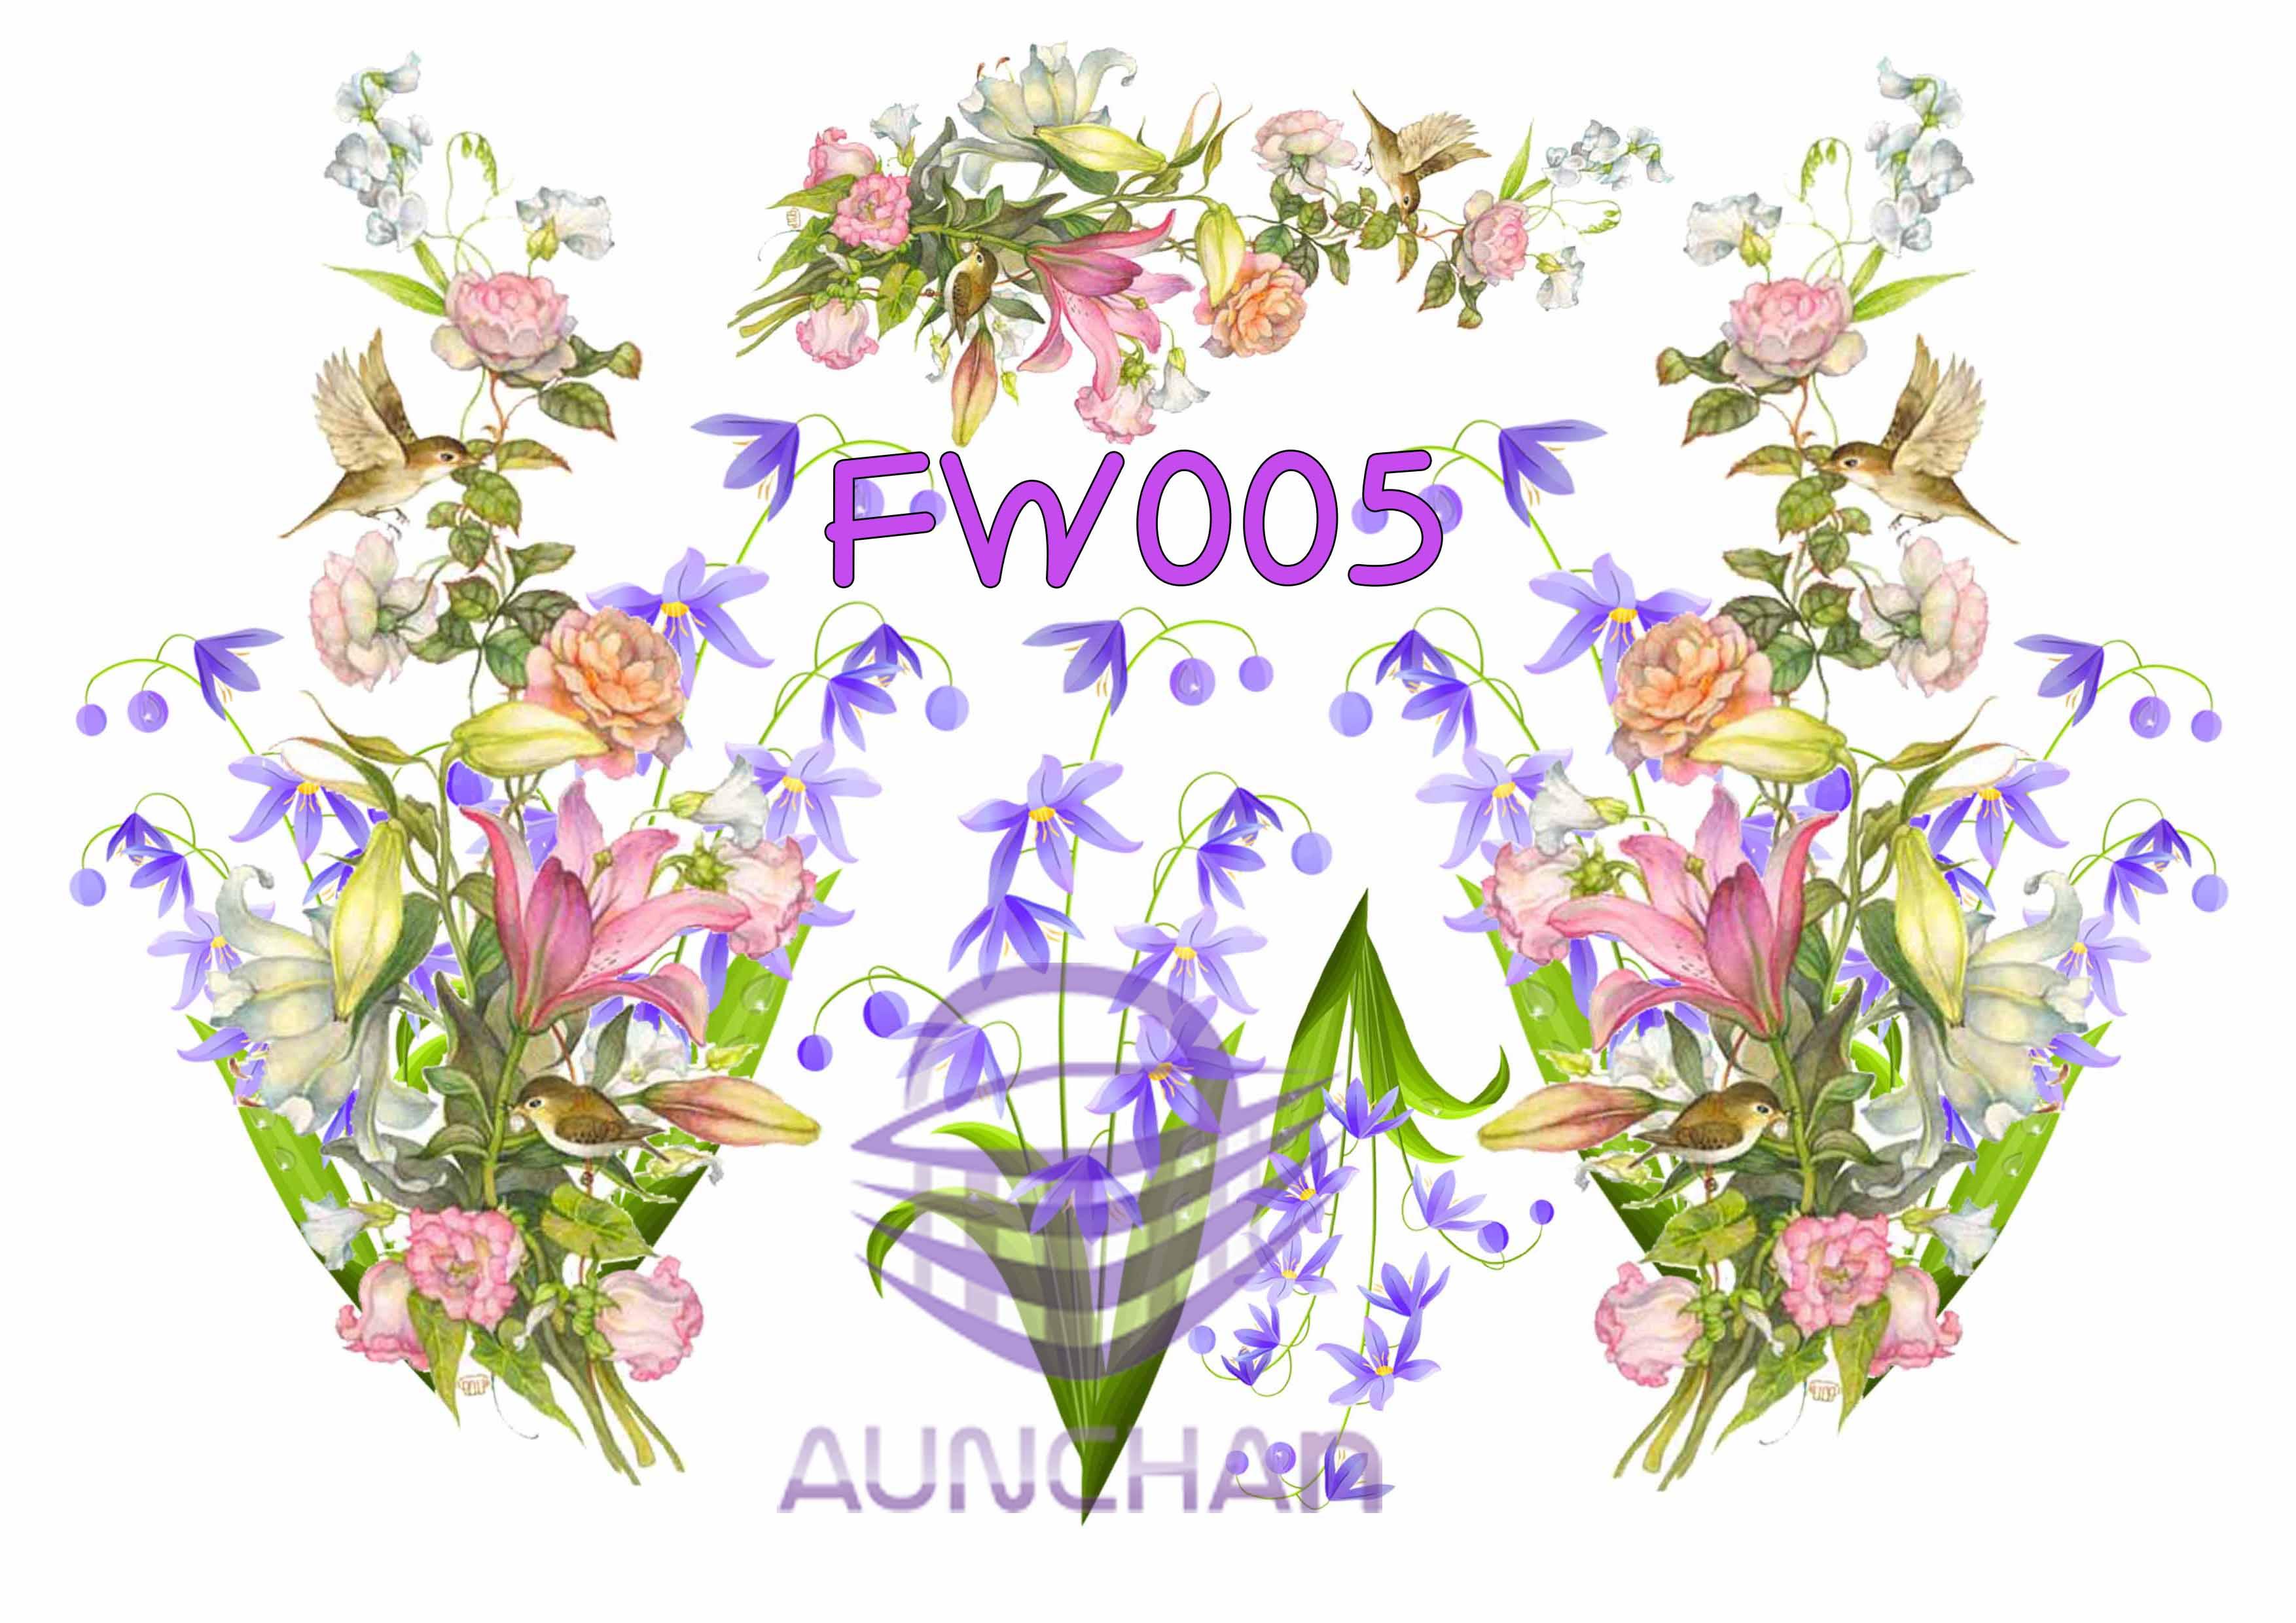 FW005 กระดาษแนพกิ้น 21x30ซม. ลายดอกไม้